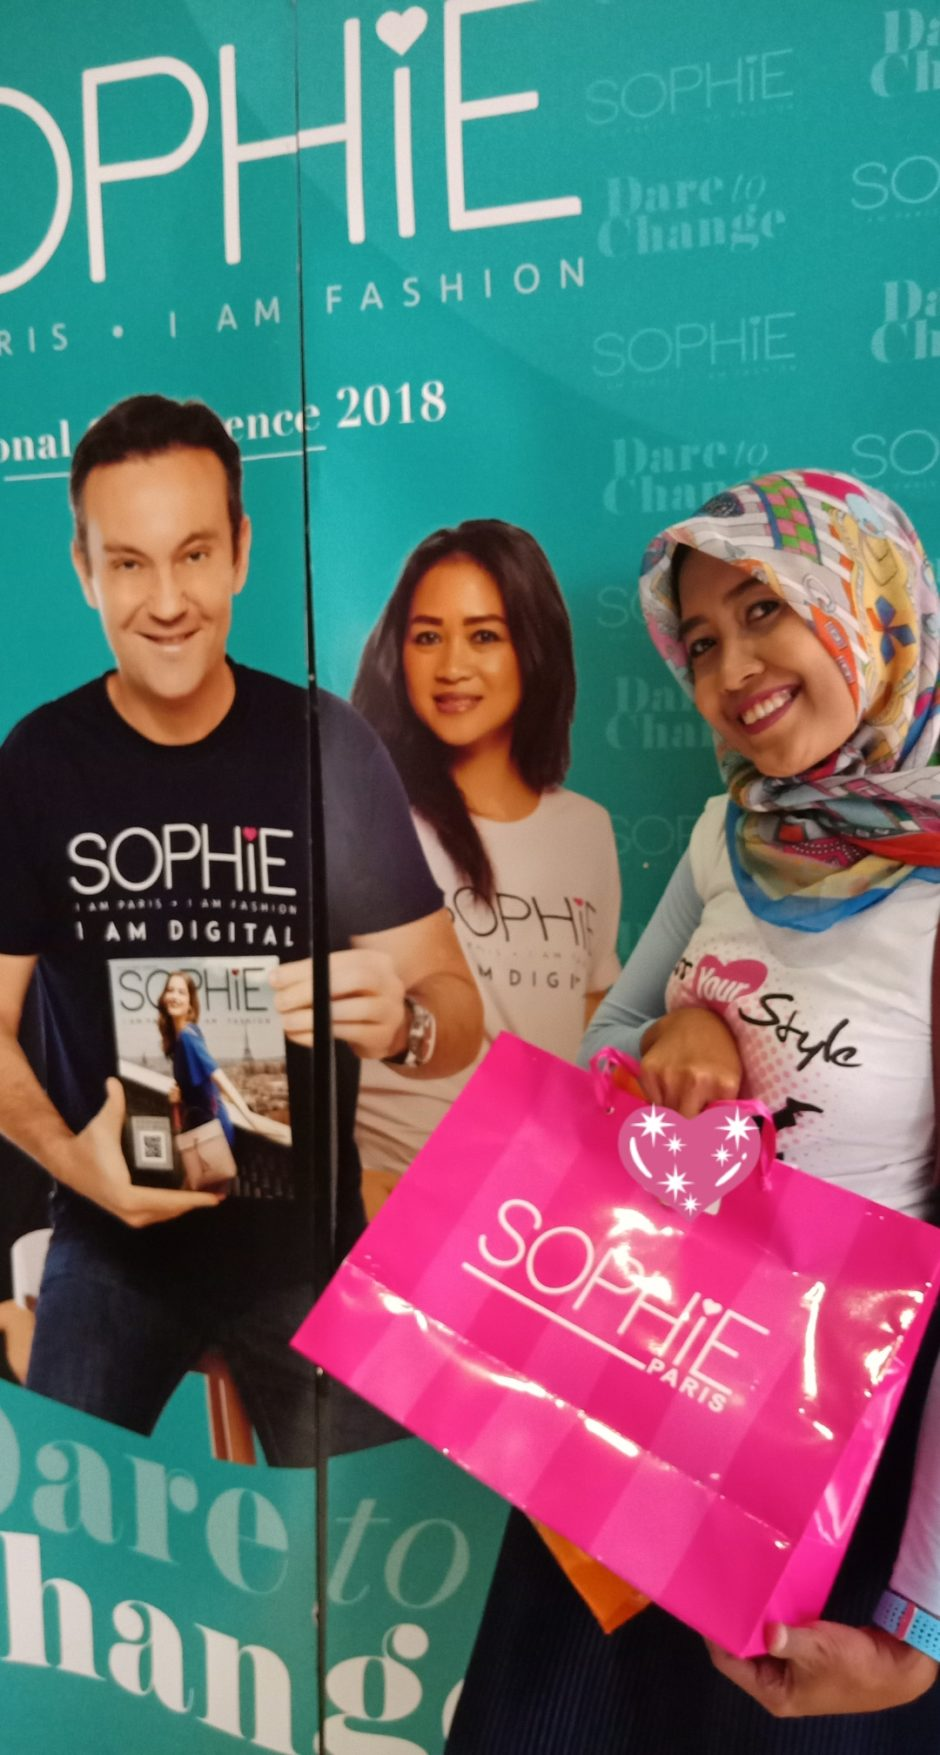 Sophie Paris Eksis di Era Digital, Sophie Paris Eksis di Era Digital, Jurnal Suzannita